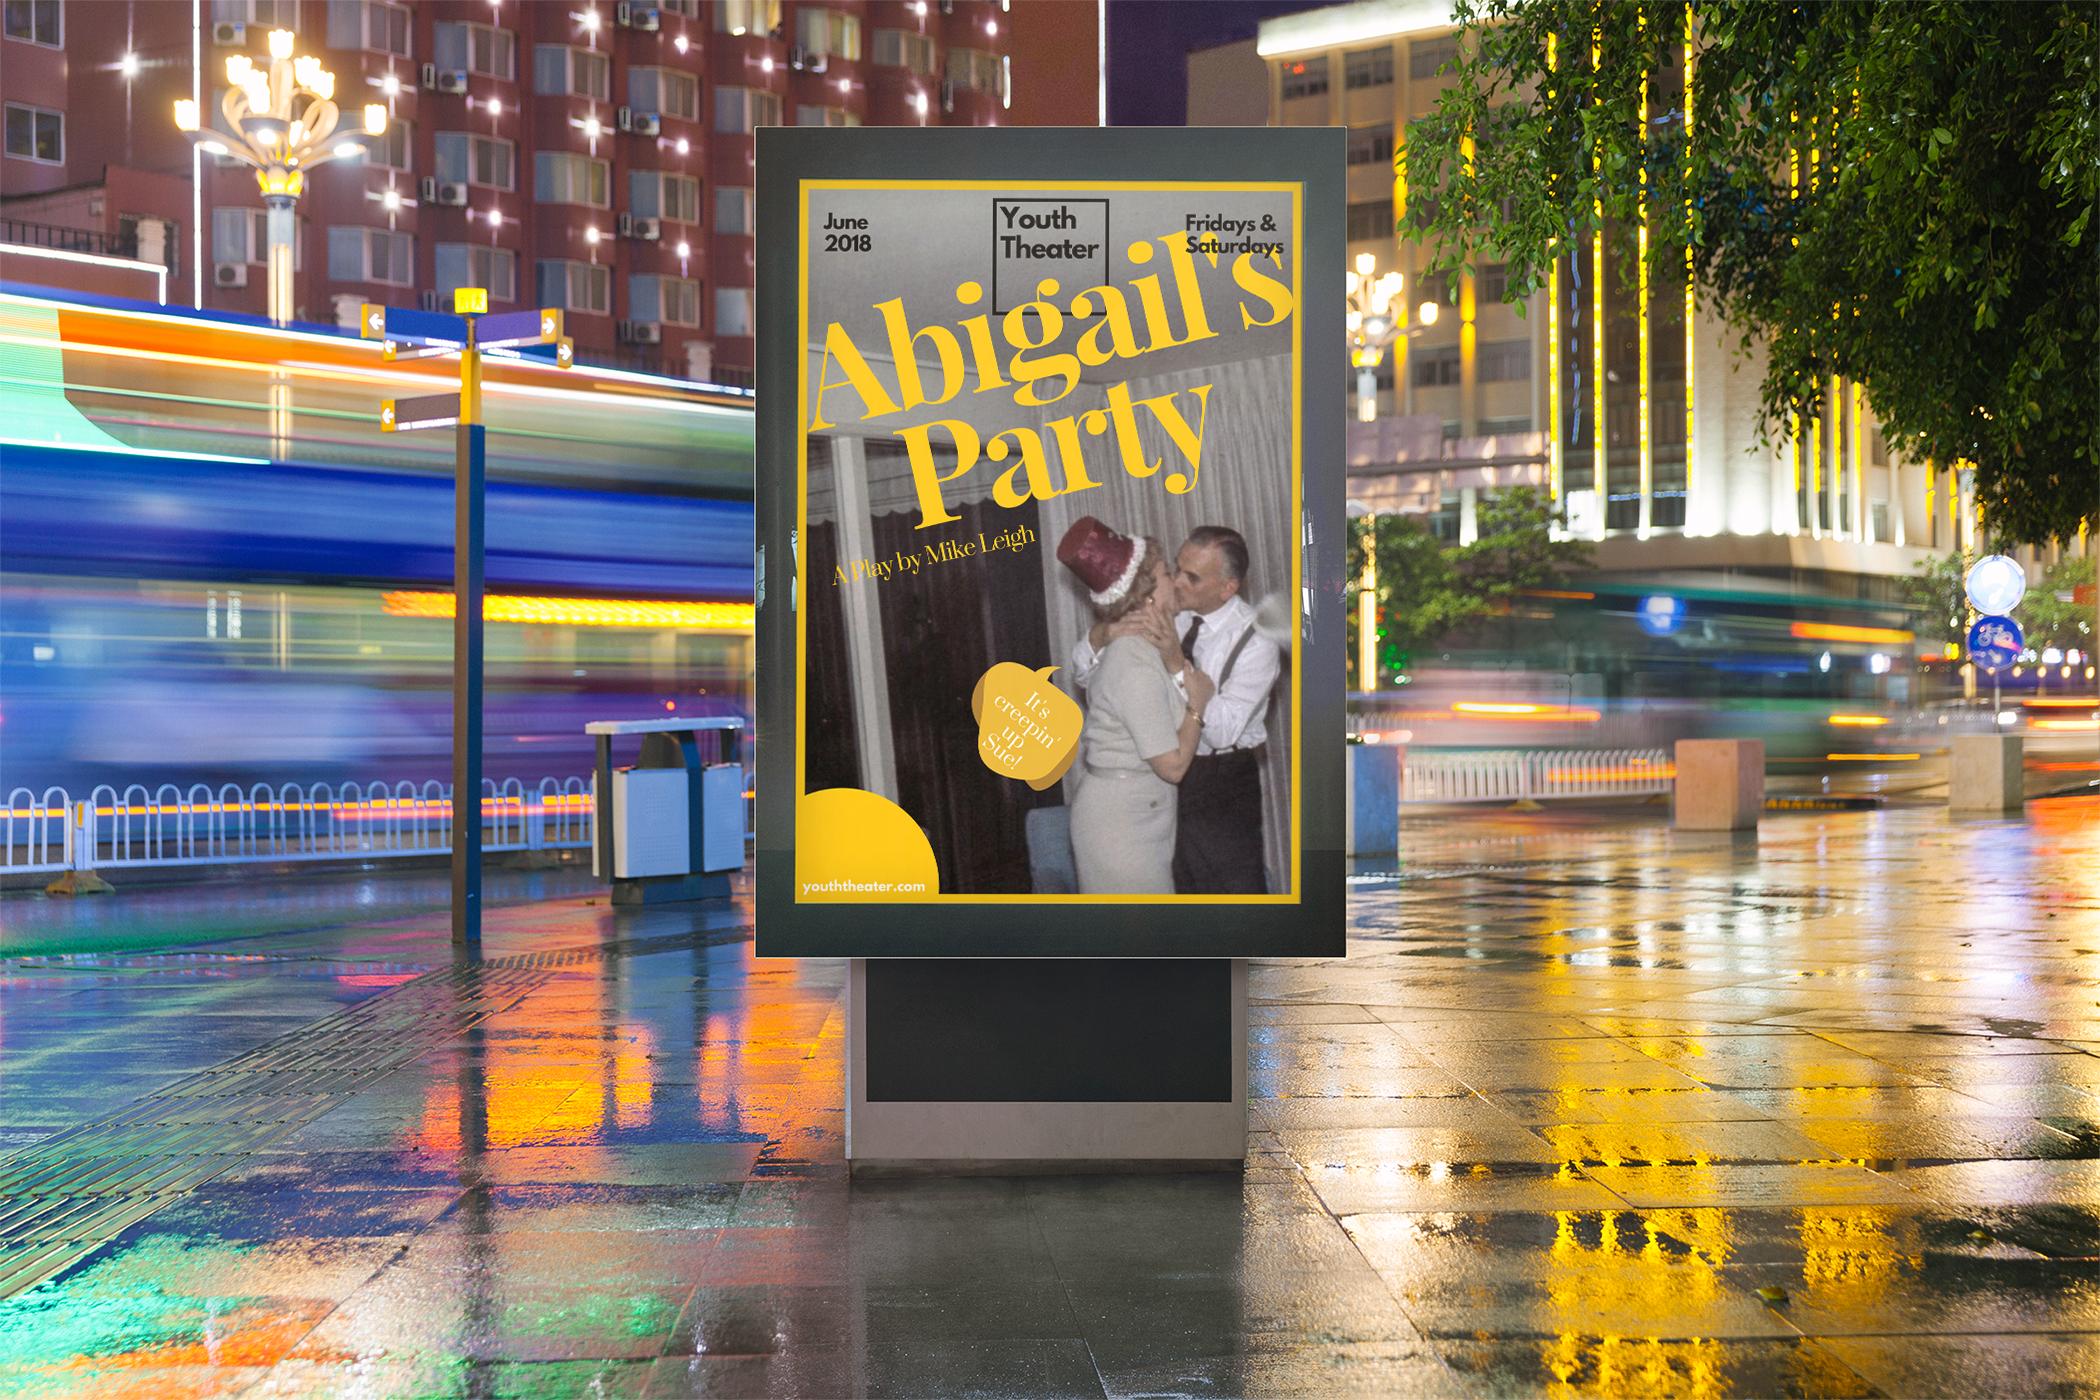 abigails party coursework